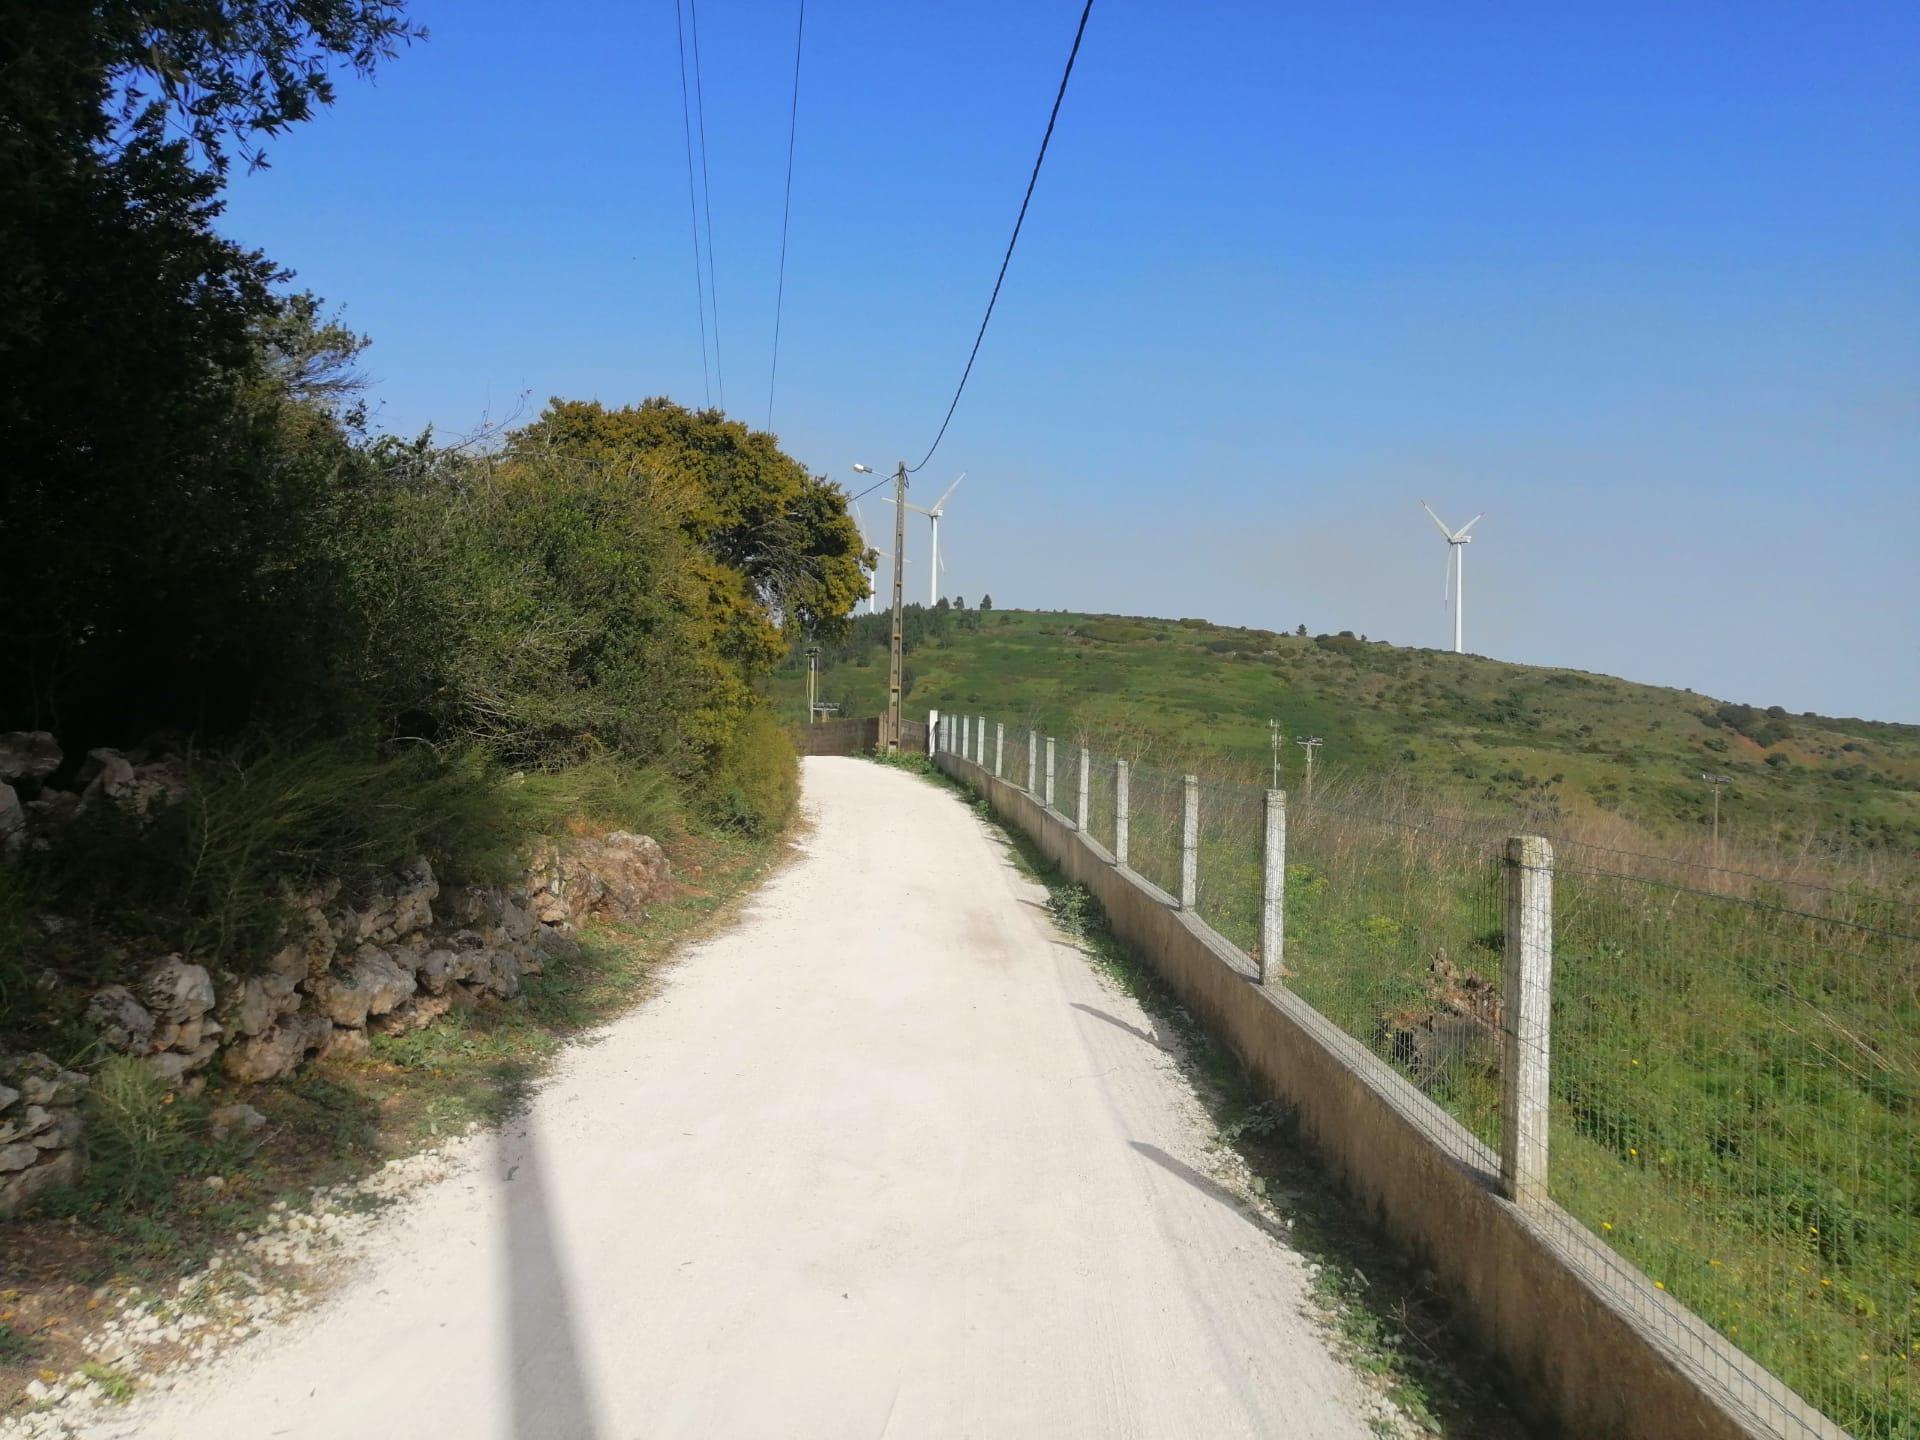 Fanhões -(f) Rua da Pedreira – Touracas – Recondicionamento da Estrada com nivelamento e compactação em tout-venant, ajuste das linhas de água!